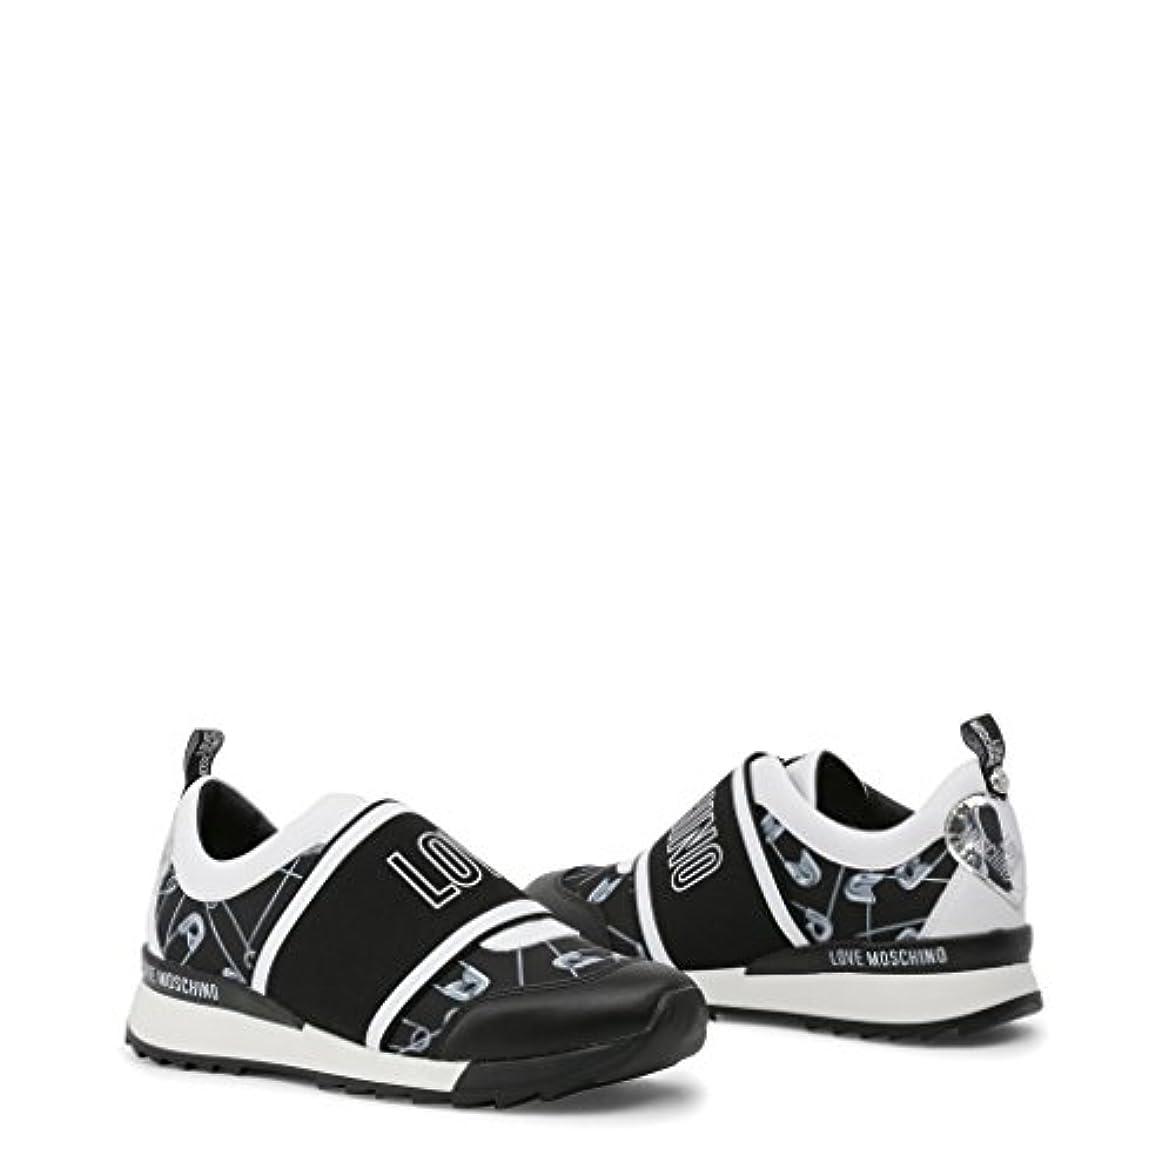 Love Moschino Sneaker Donna Nero 36 Eu